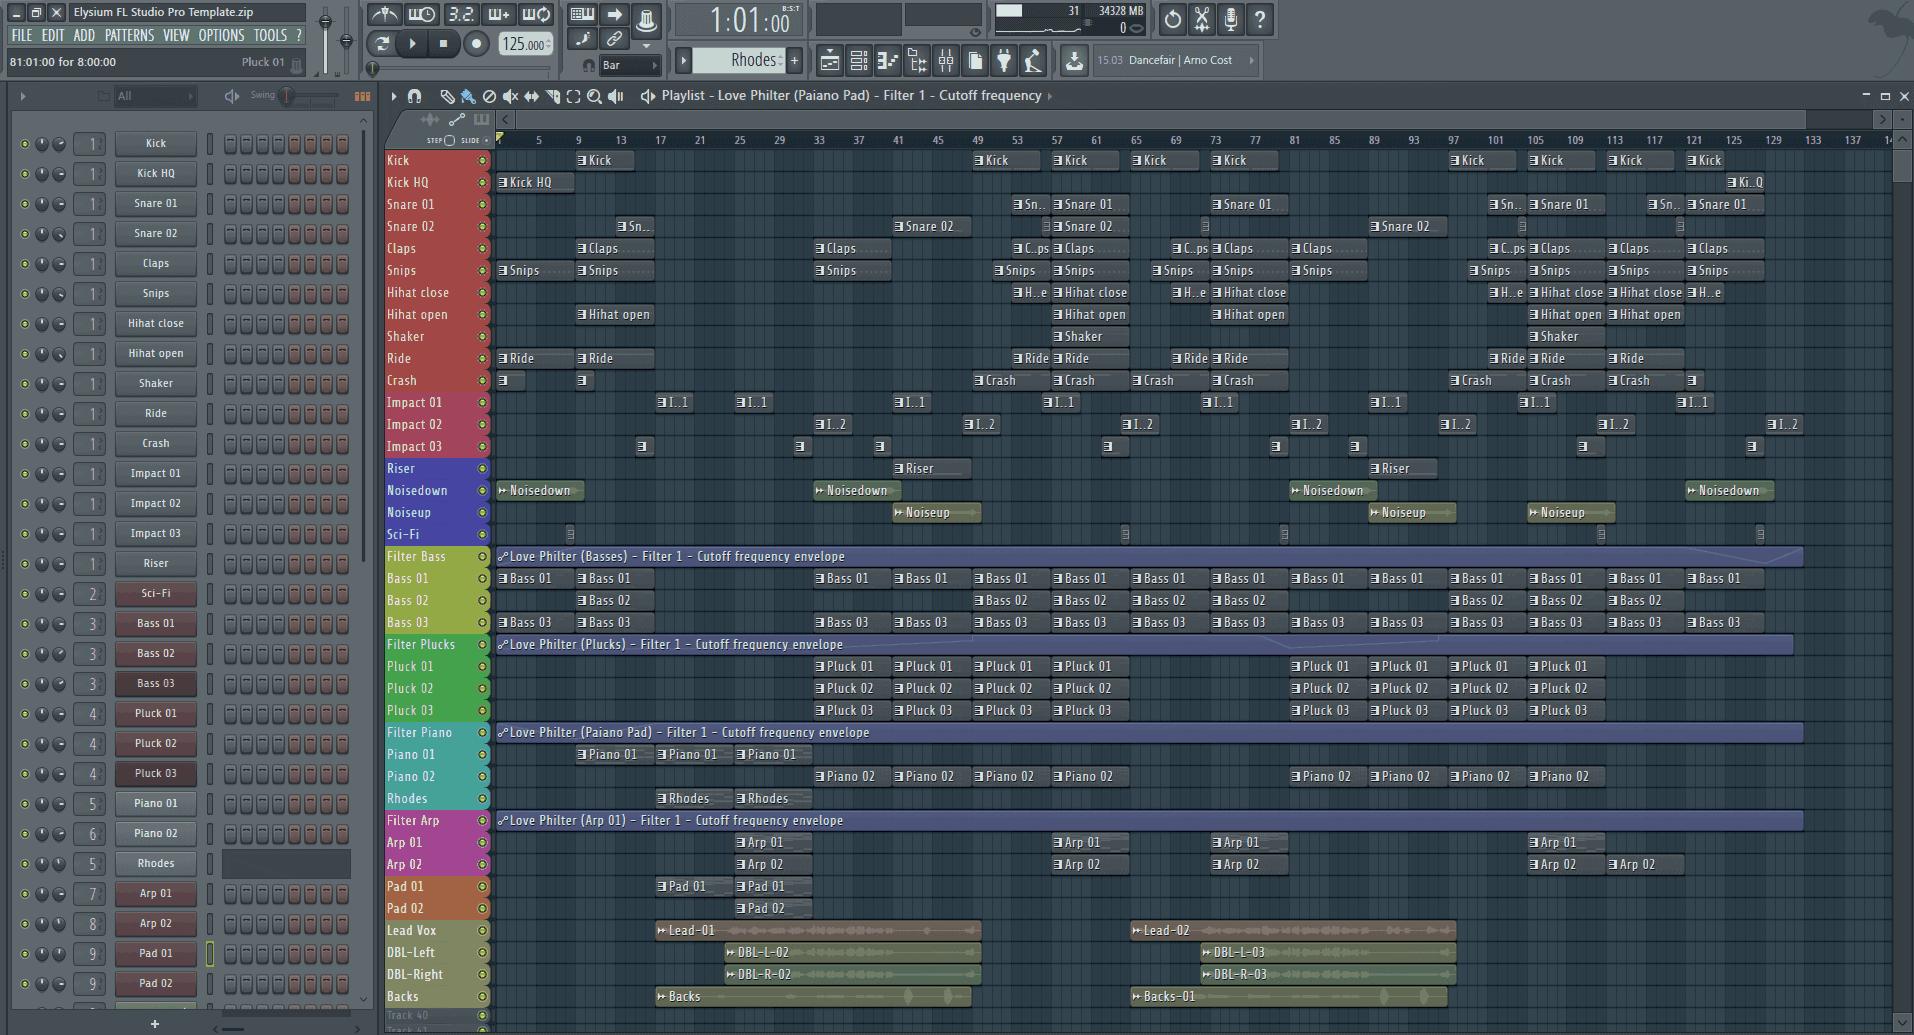 Elysium FL Studio Pro Template